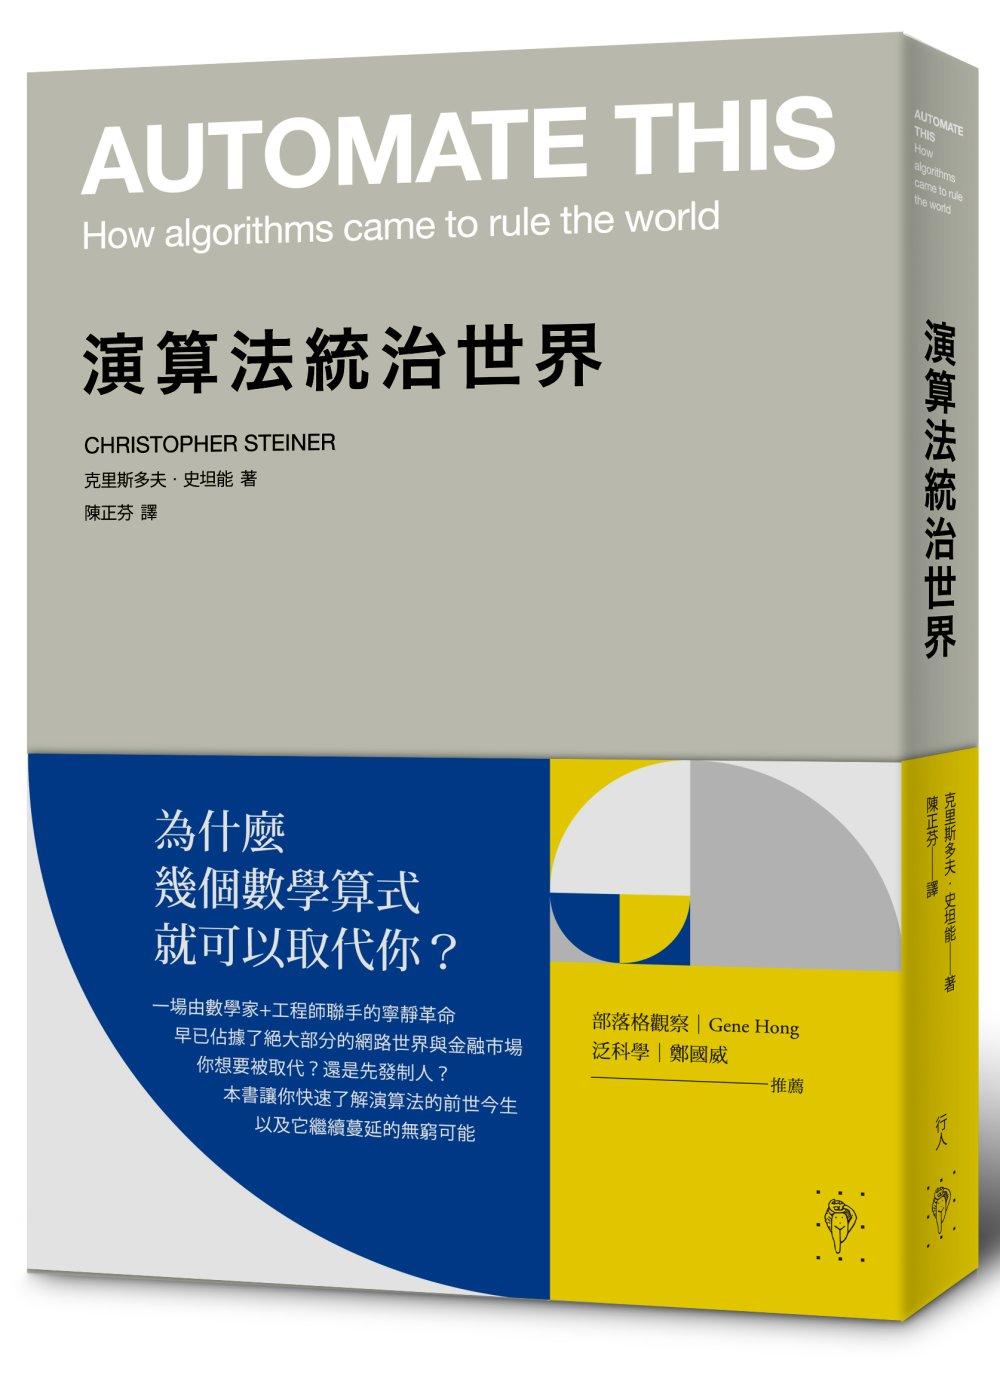 演算法統治世界